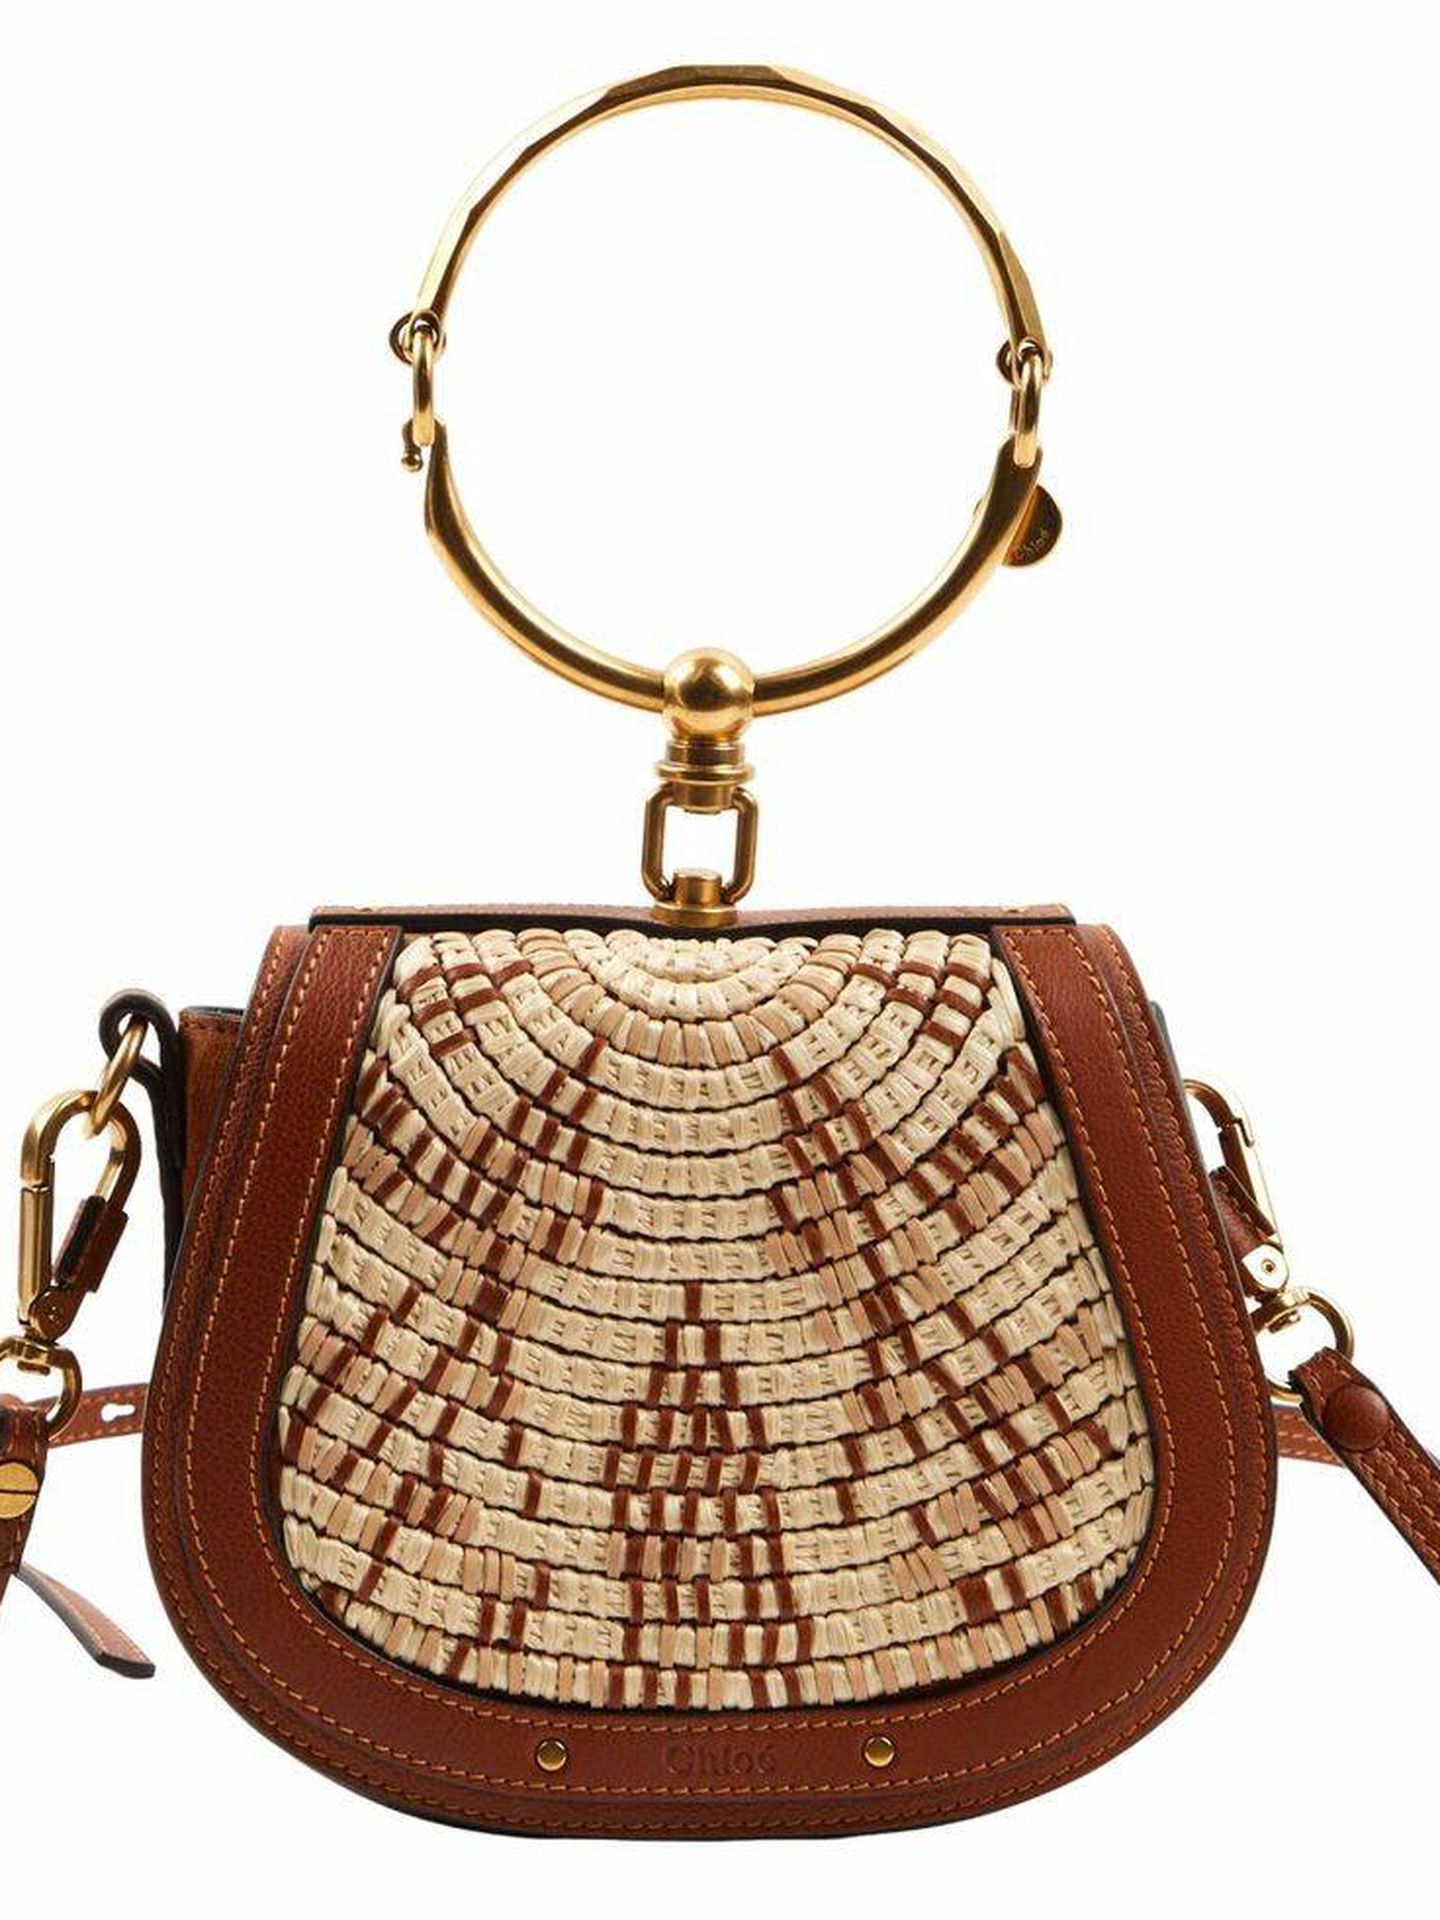 El bolso que lucía la reina jordana. (Cortesía)